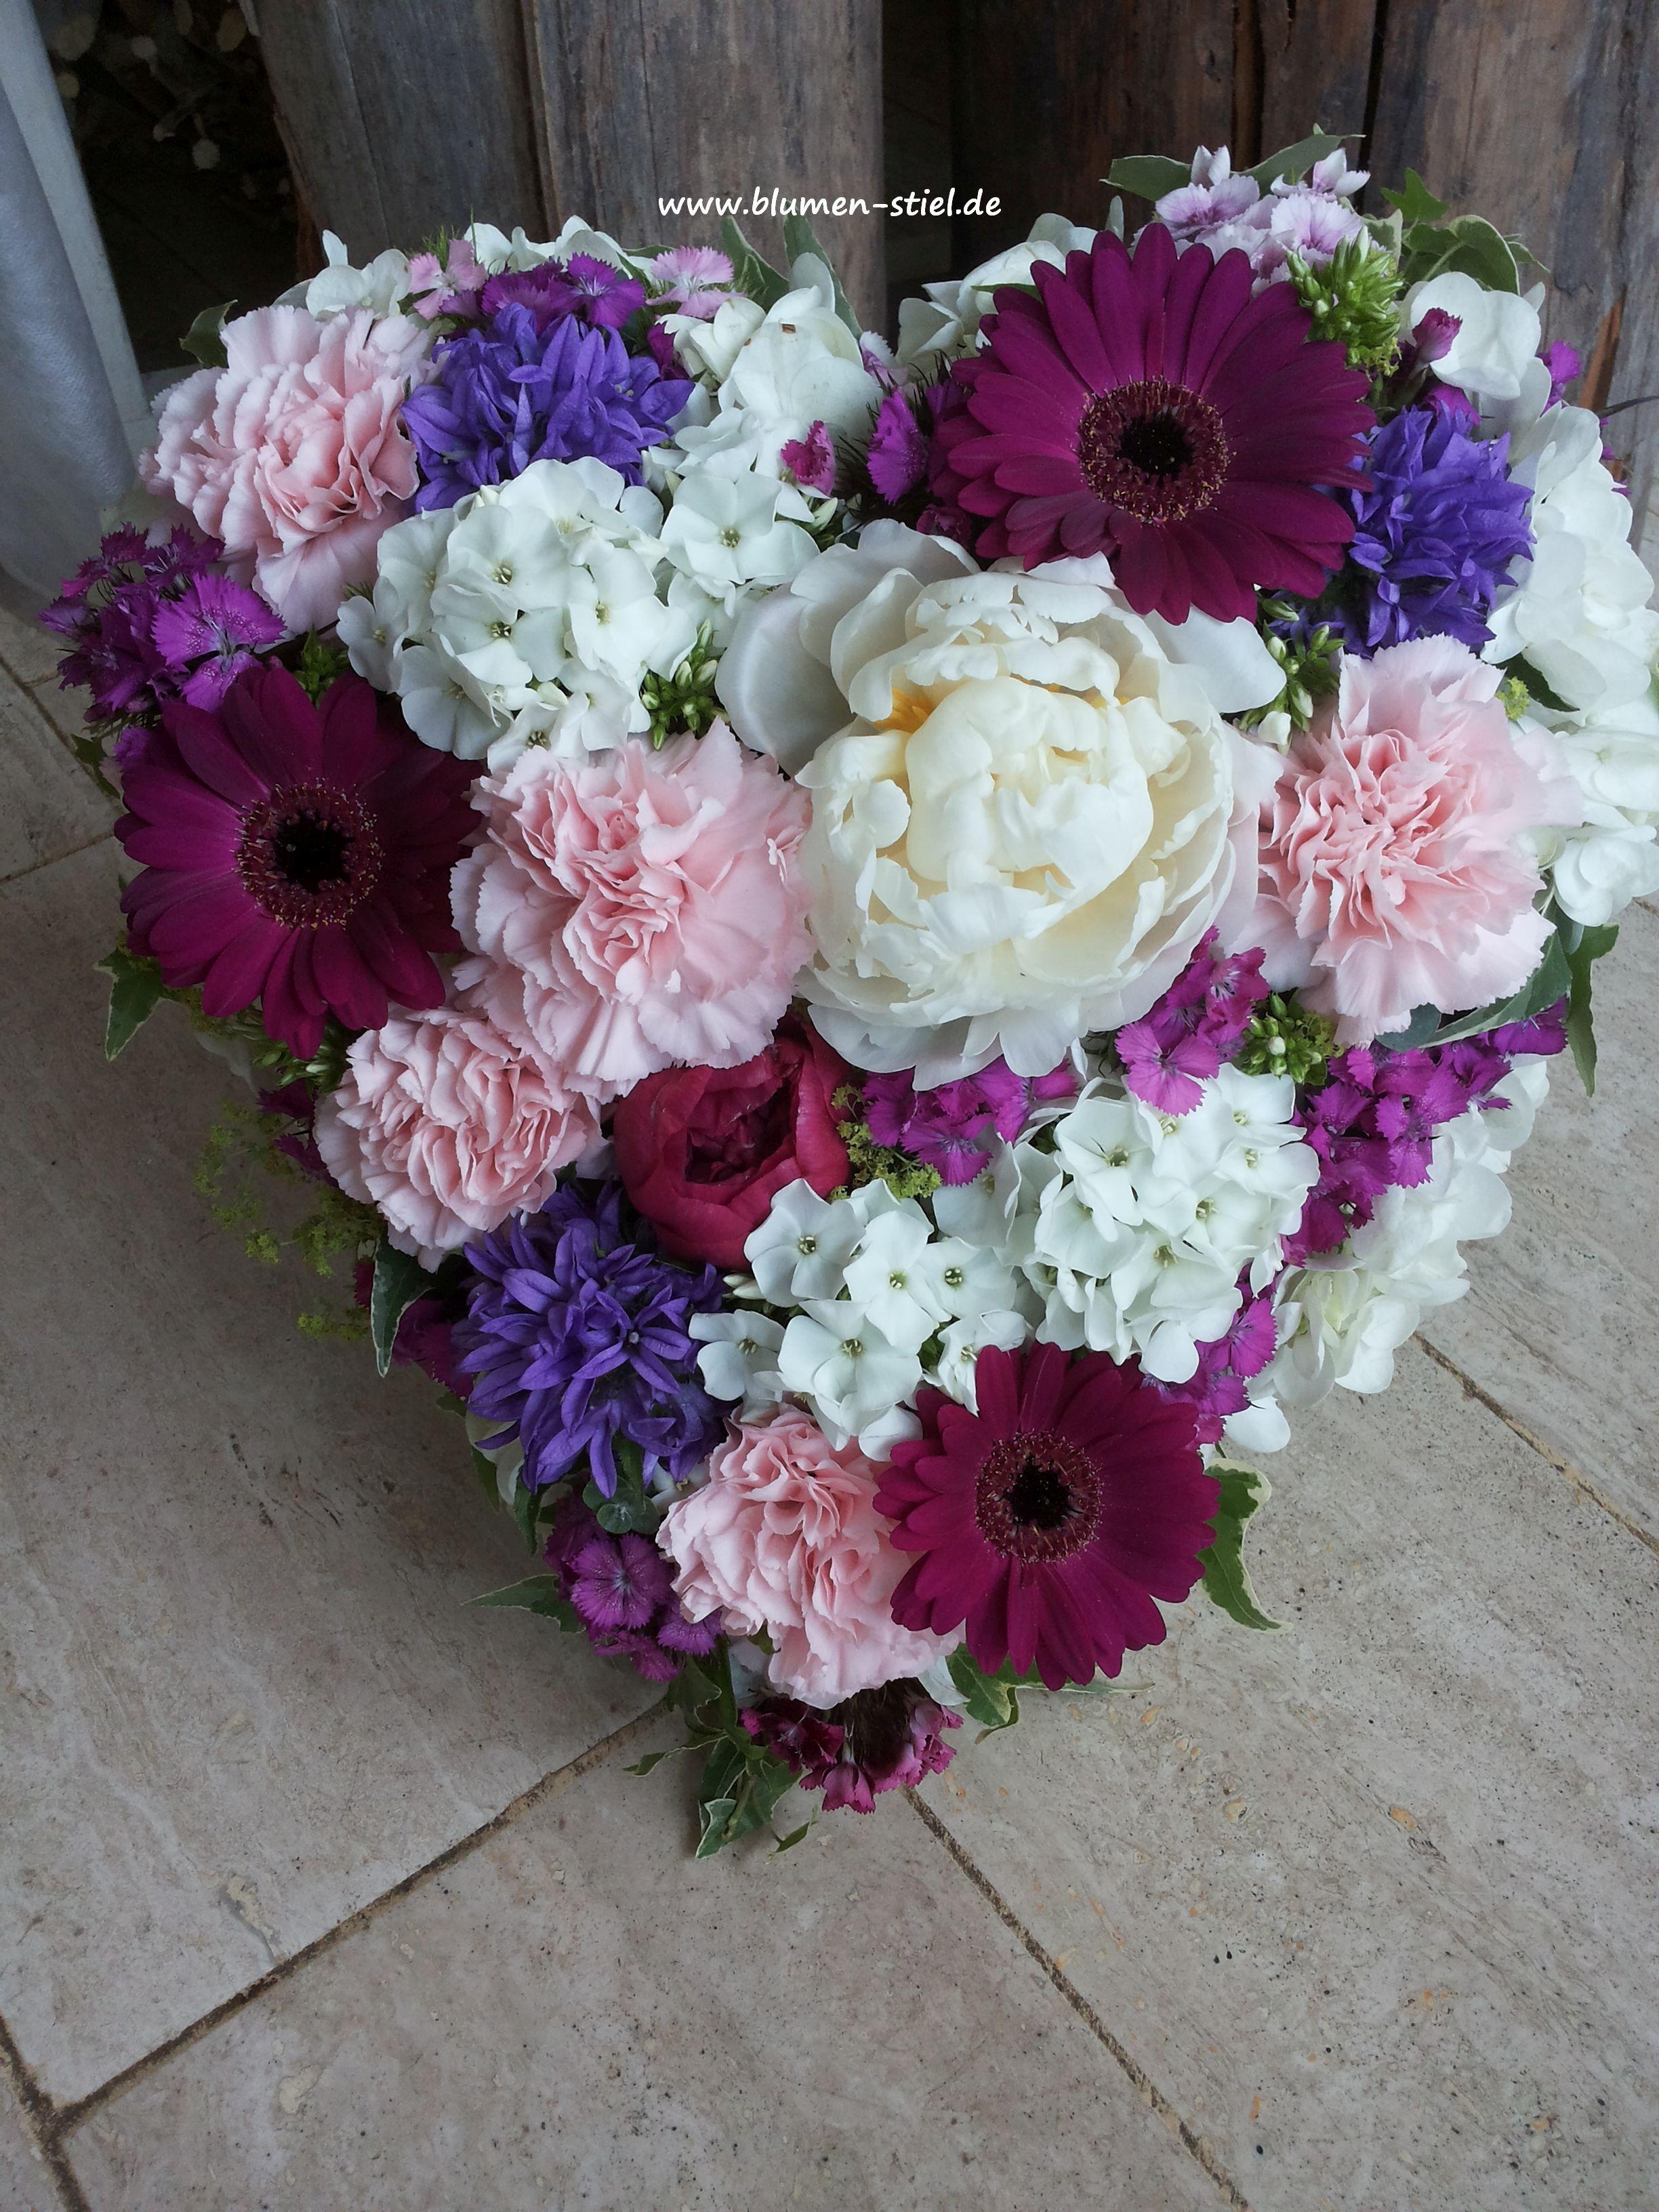 Kleines Blumiges Herz Blumen Zur Beerdigung Bartnelke Bartnelken